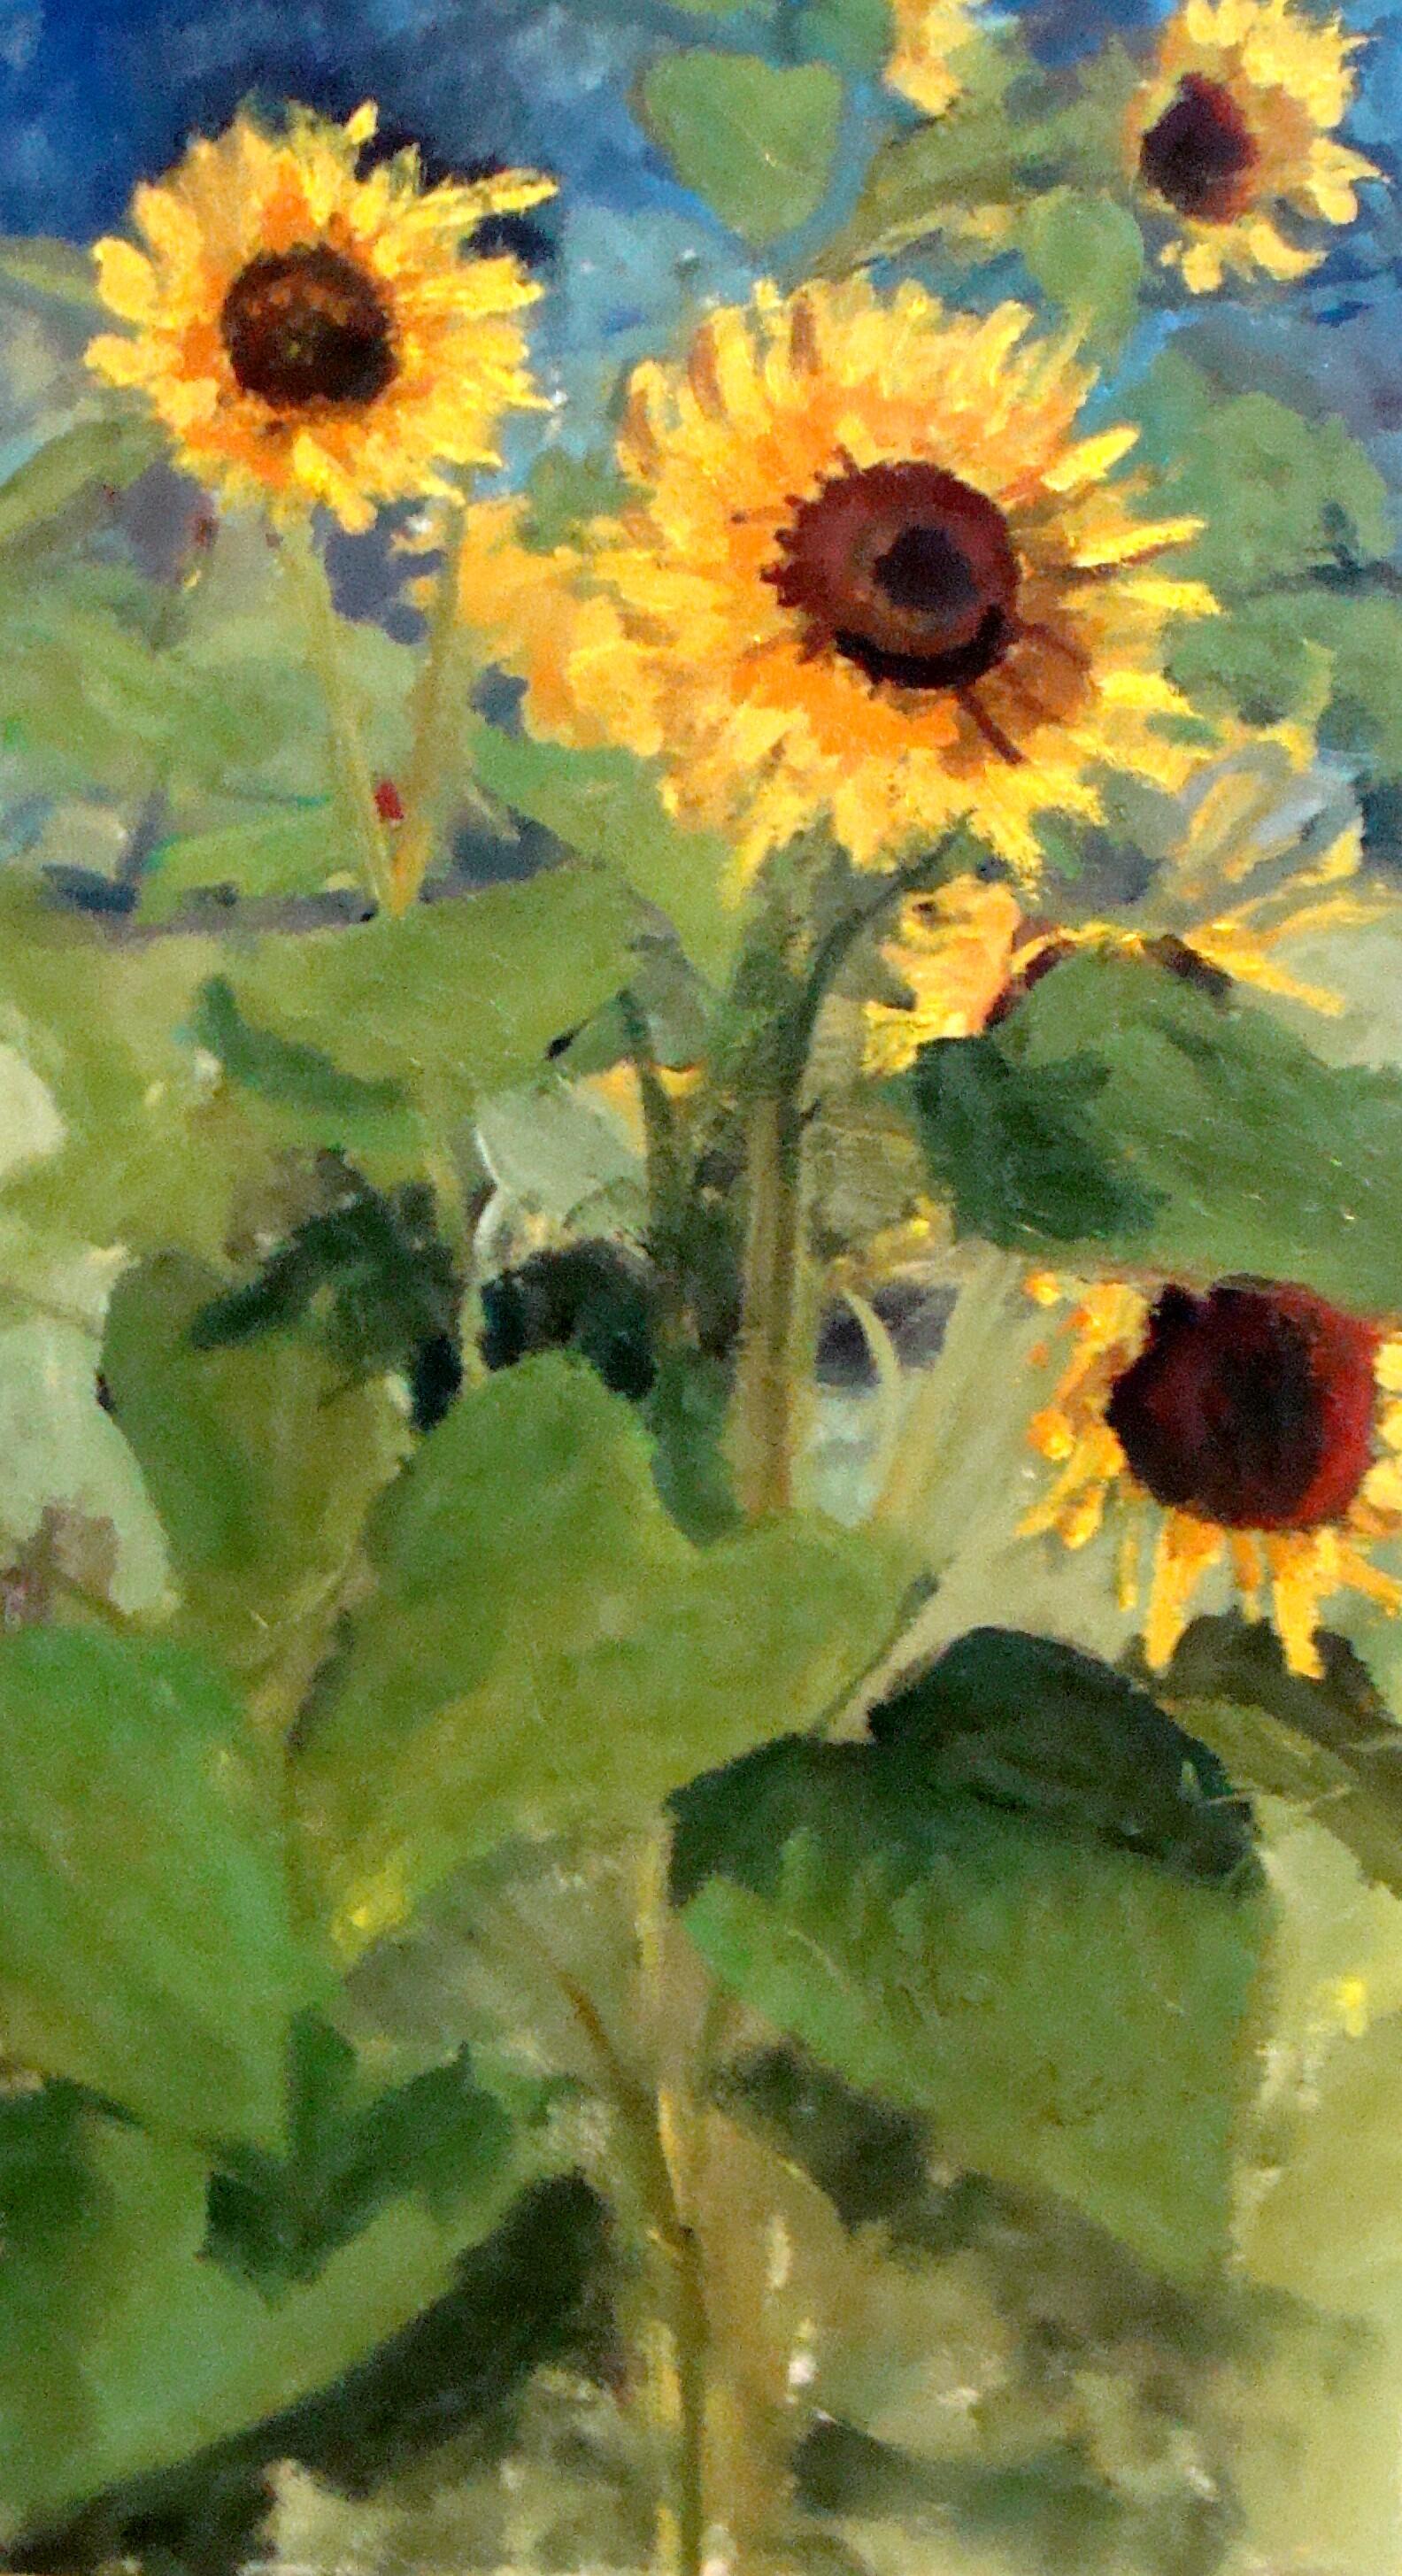 Sunflower Oil In Paint